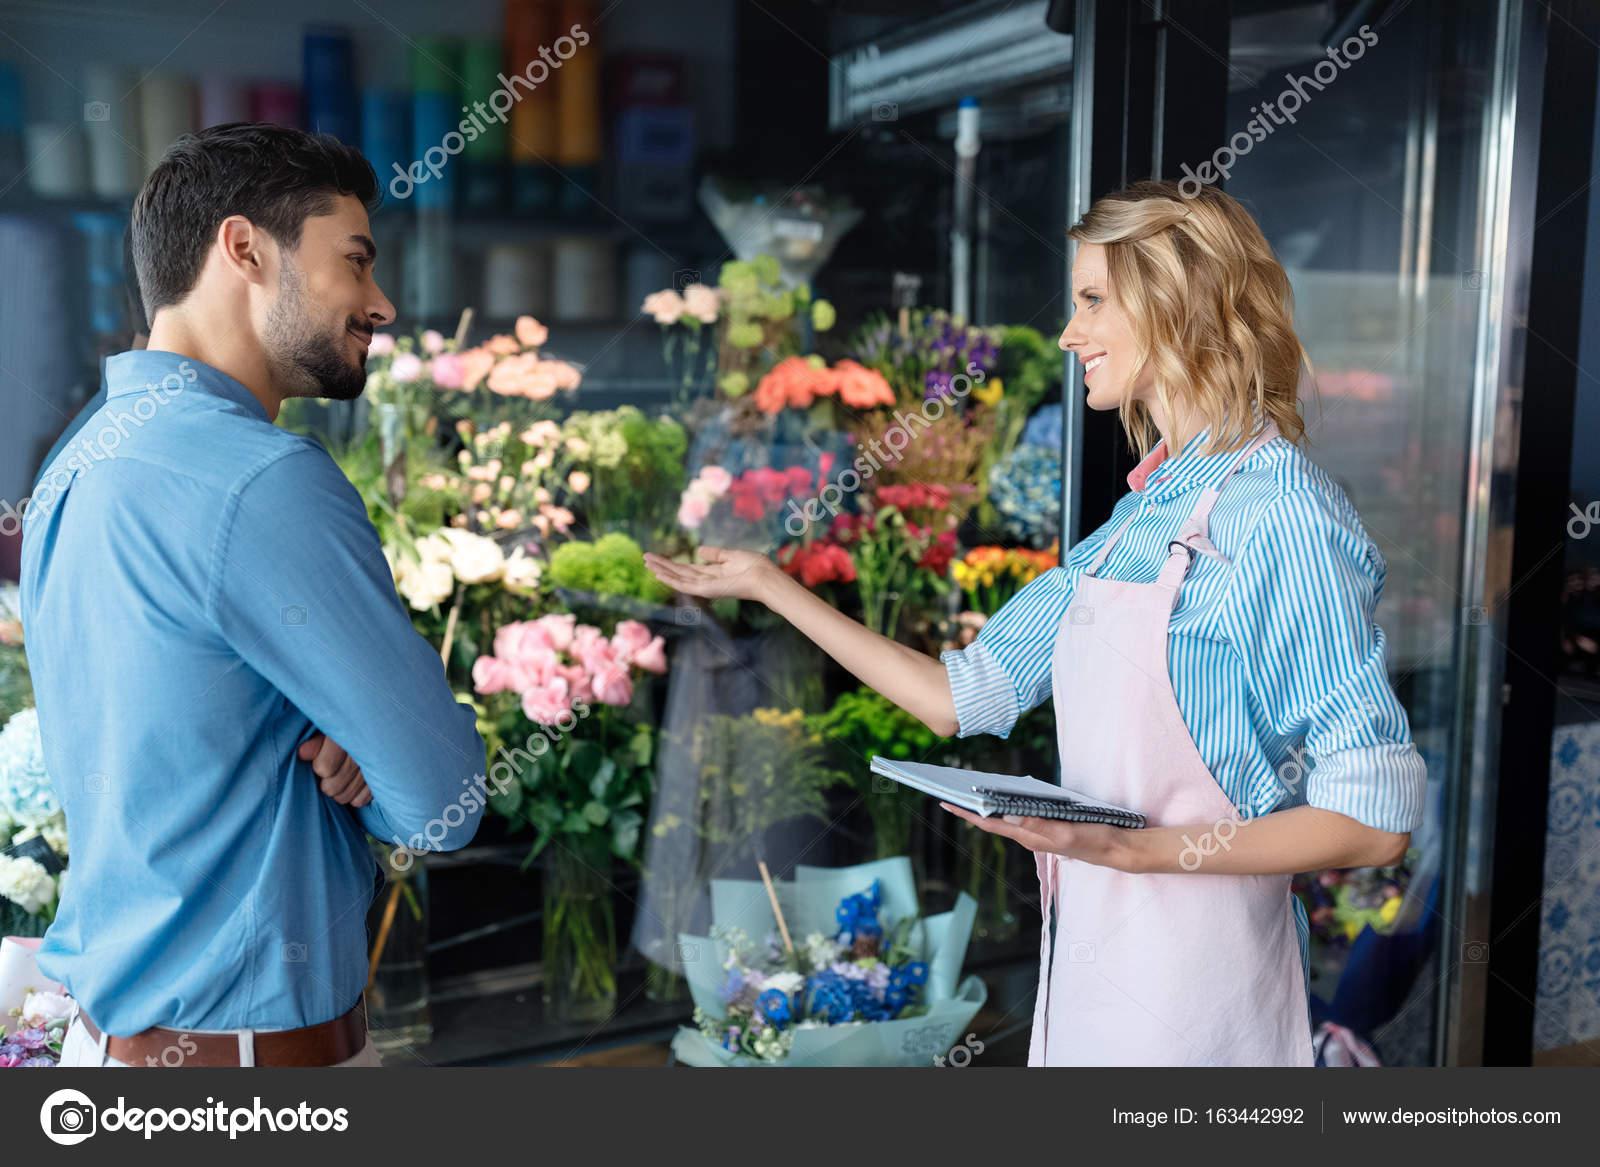 Секс в магазине цветов, Красивый секс продавца с клиенткой в магазине 17 фотография